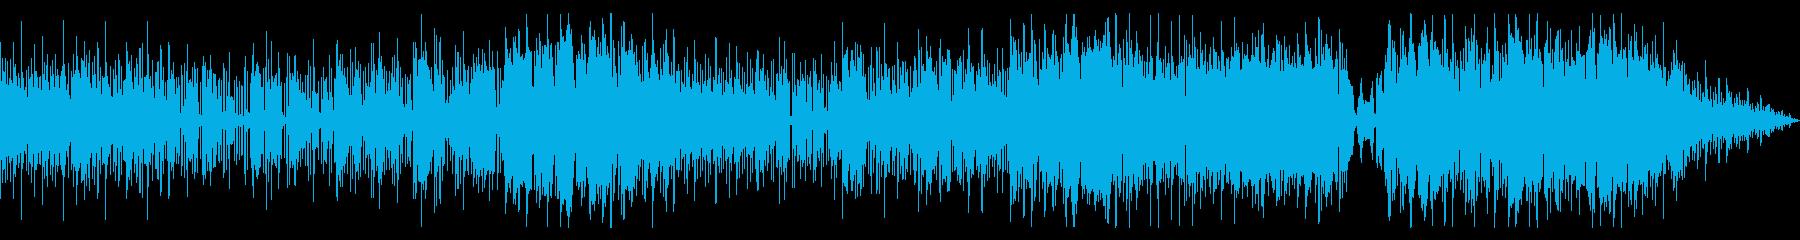 シンセが美しい歌ものバラードの再生済みの波形